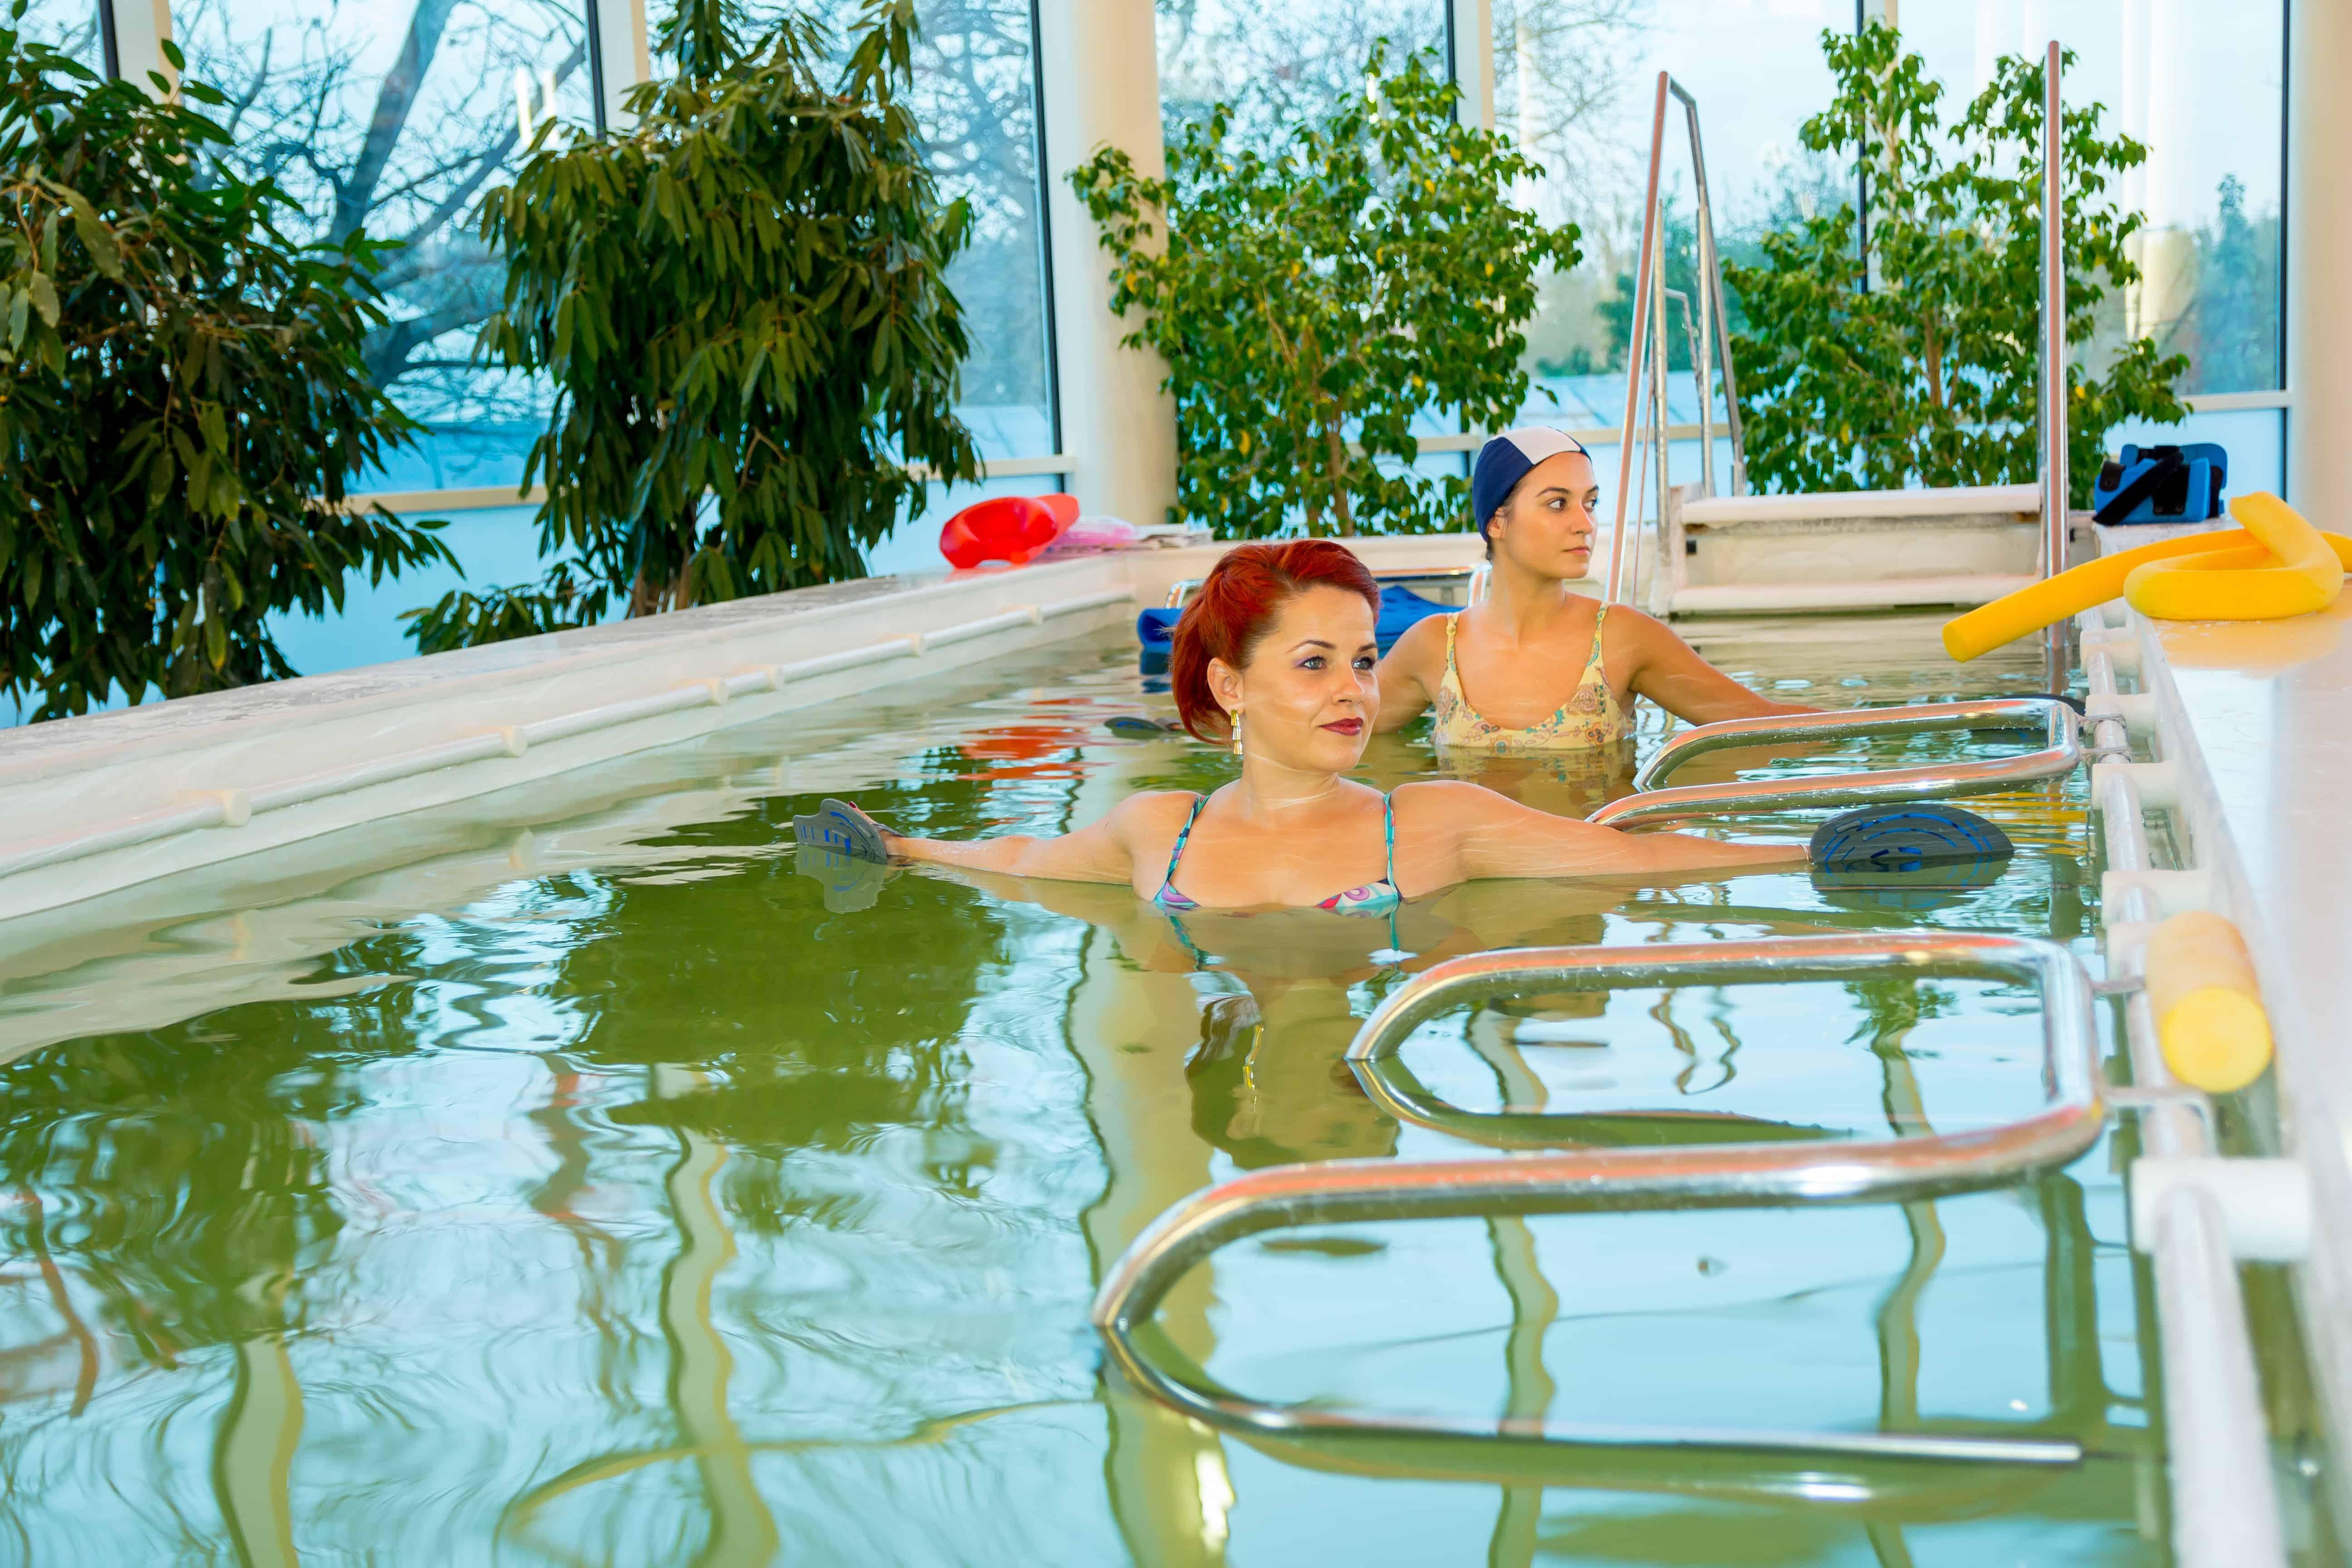 La Centrul Medical SanConfind, hidroterapie modernă pentru relaxarea și tonifierea organismului